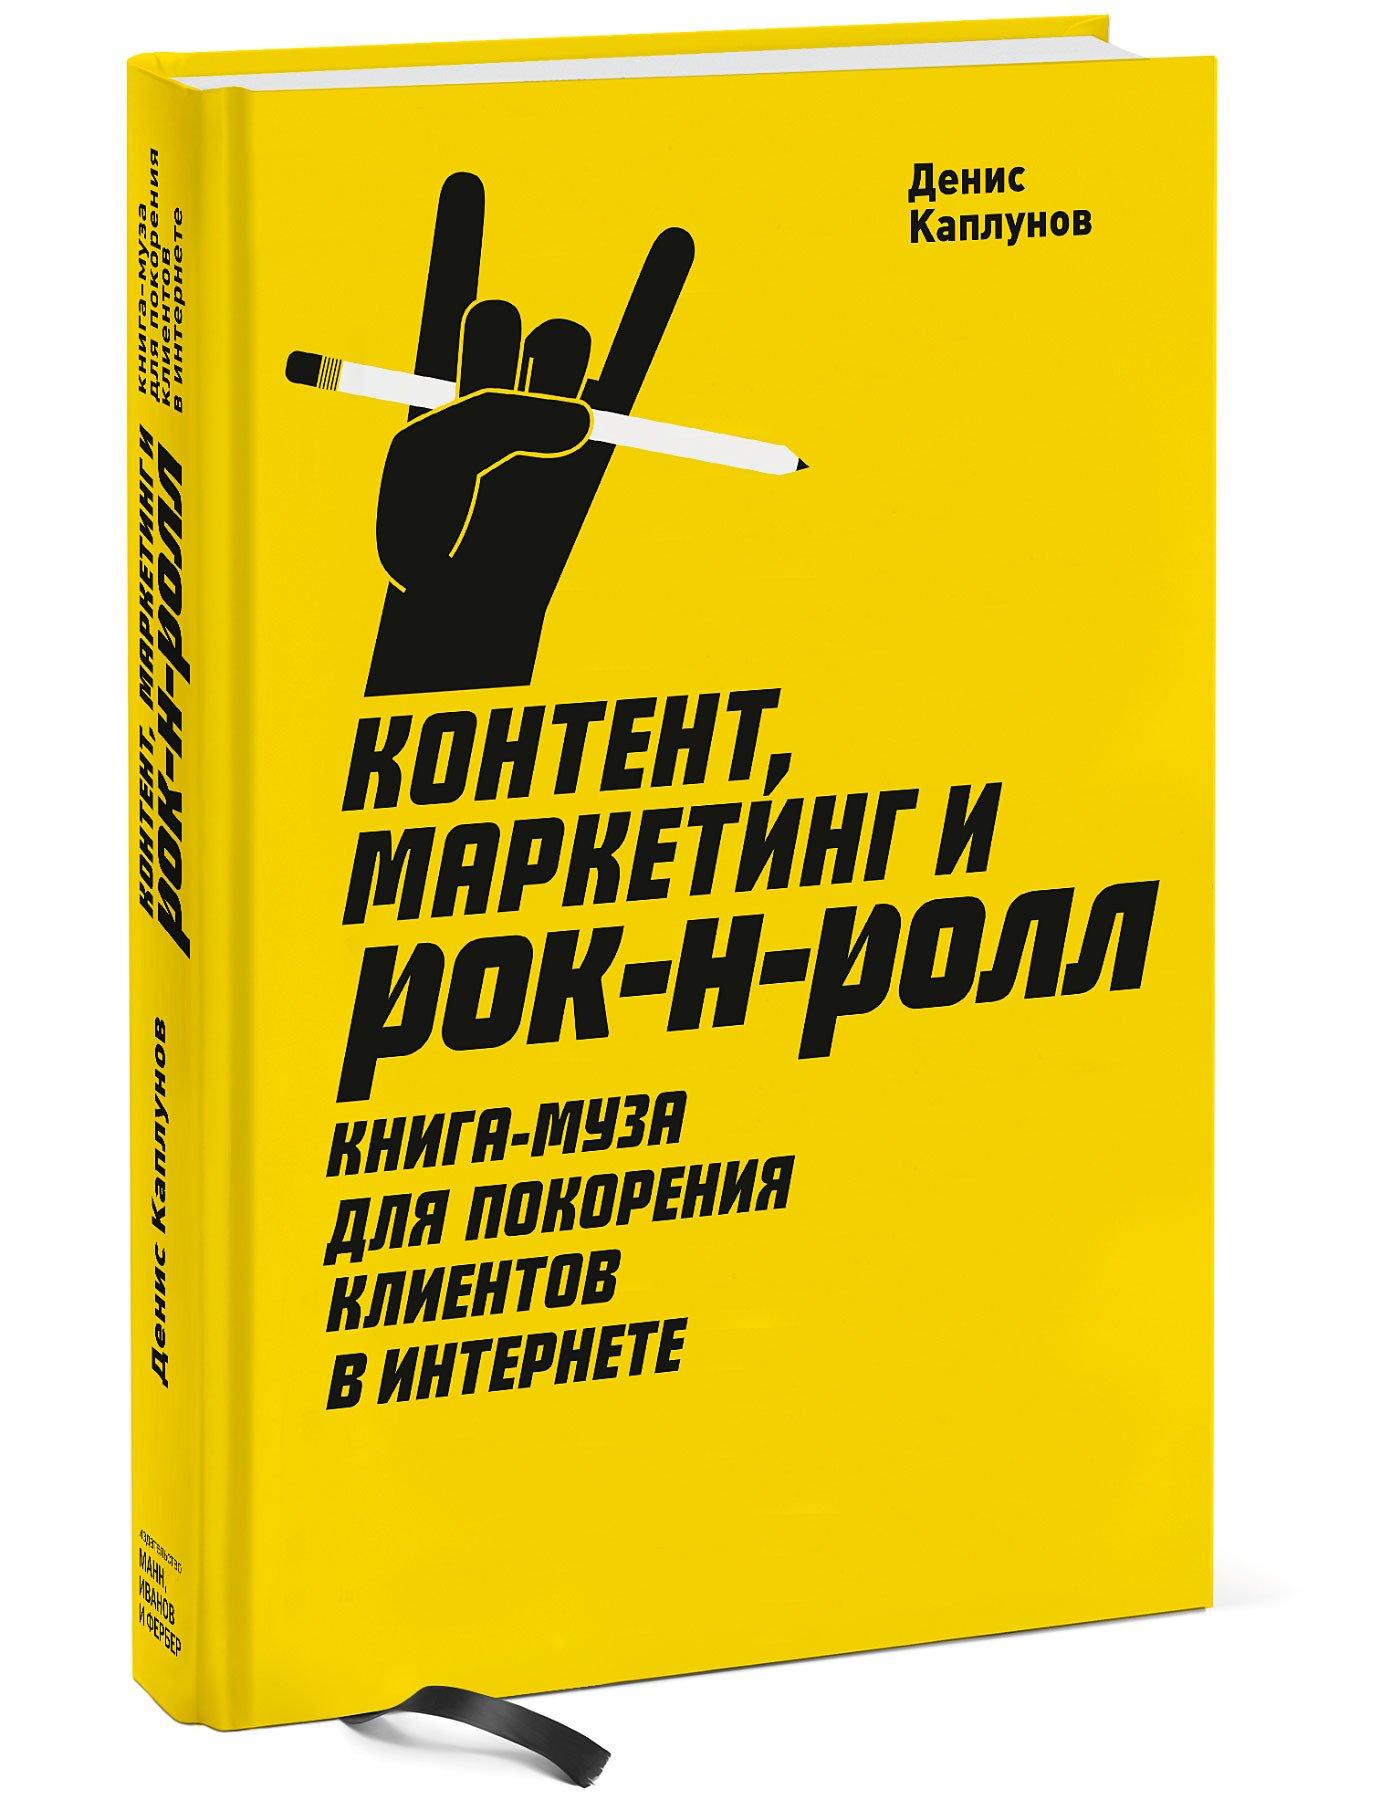 Контент, Маркетинг и рок-н-ролл (новая обложка) ( Каплунов Денис Александрович  )